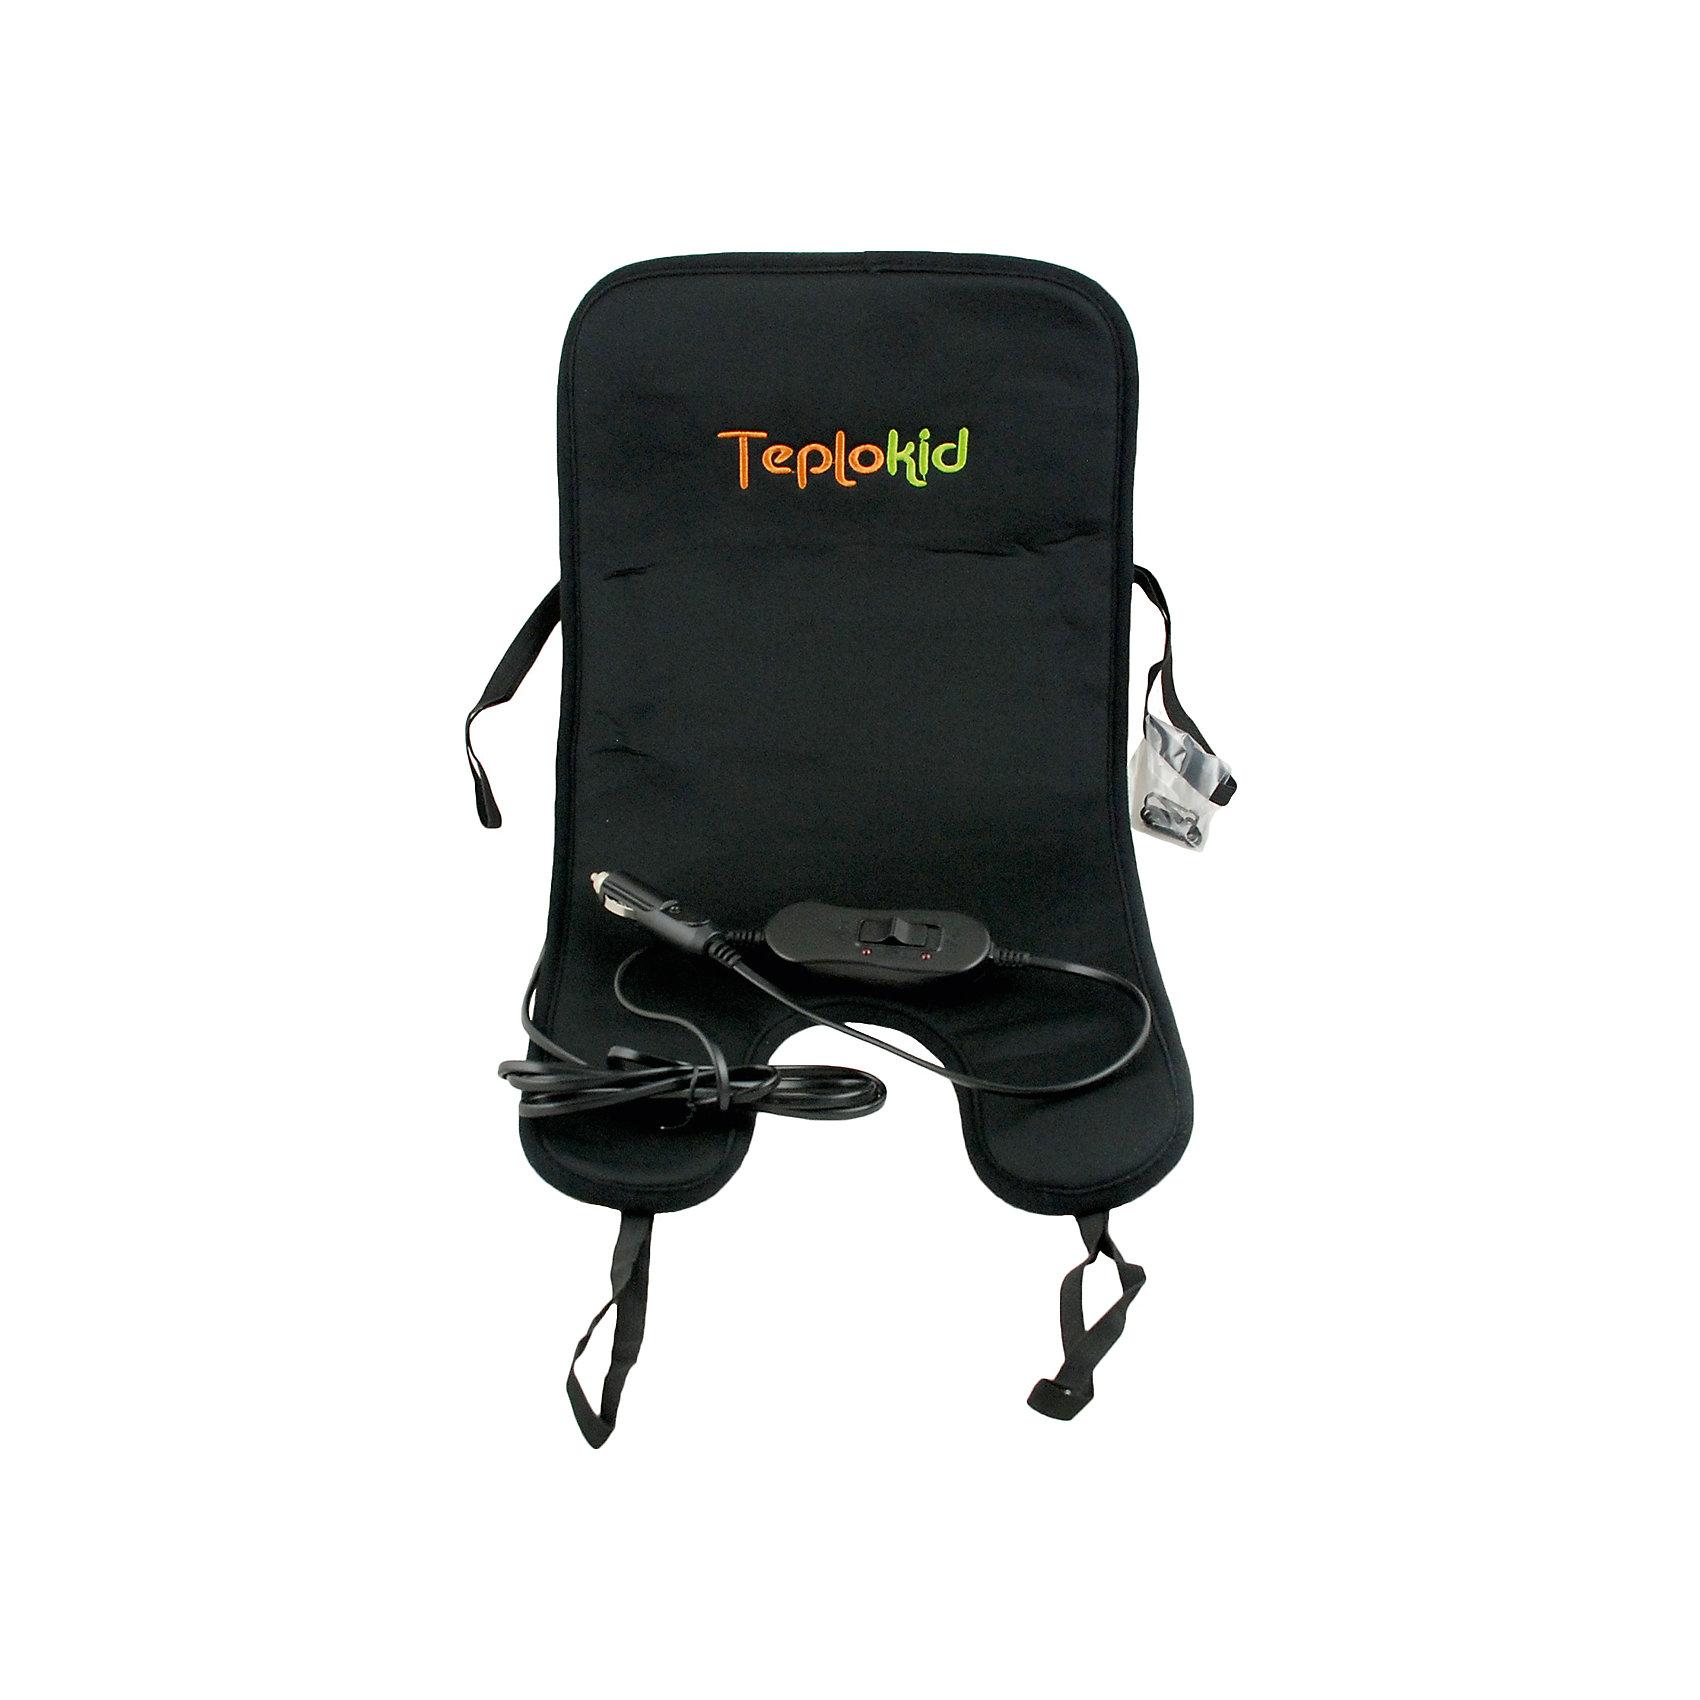 Автомобильная обогрев-подстилка 55х27, 0+/1, TeplokidАксессуары<br>Автомобиль – незаменимый спутник семьи в современном мире. Детское кресло -  обязательный атрибут любого автомобильного путешествия. Специально для него была разработана обогрев – подстилка, созданная для обеспечения тепла и комфорта ребенку для поездок в холодное время года. Подстилка позволяет установить нужную температуру самостоятельно с помощью пульта управления. Все материалы, использованные при разработке и изготовлении коврика безопасны для использования, отвечают всем требованиям экологичности и качества детских товаров, а так же гипоаллергенны.<br><br>Дополнительная информация:<br><br>материал: хлопок, полиэстер;<br>габариты: 55х27;<br>возраст:0+/1.<br><br>Автомобильную обогрев-подстилку Teplokid можно приобрести в нашем магазине.<br><br>Ширина мм: 530<br>Глубина мм: 290<br>Высота мм: 30<br>Вес г: 280<br>Возраст от месяцев: 9<br>Возраст до месяцев: 48<br>Пол: Унисекс<br>Возраст: Детский<br>SKU: 4968141